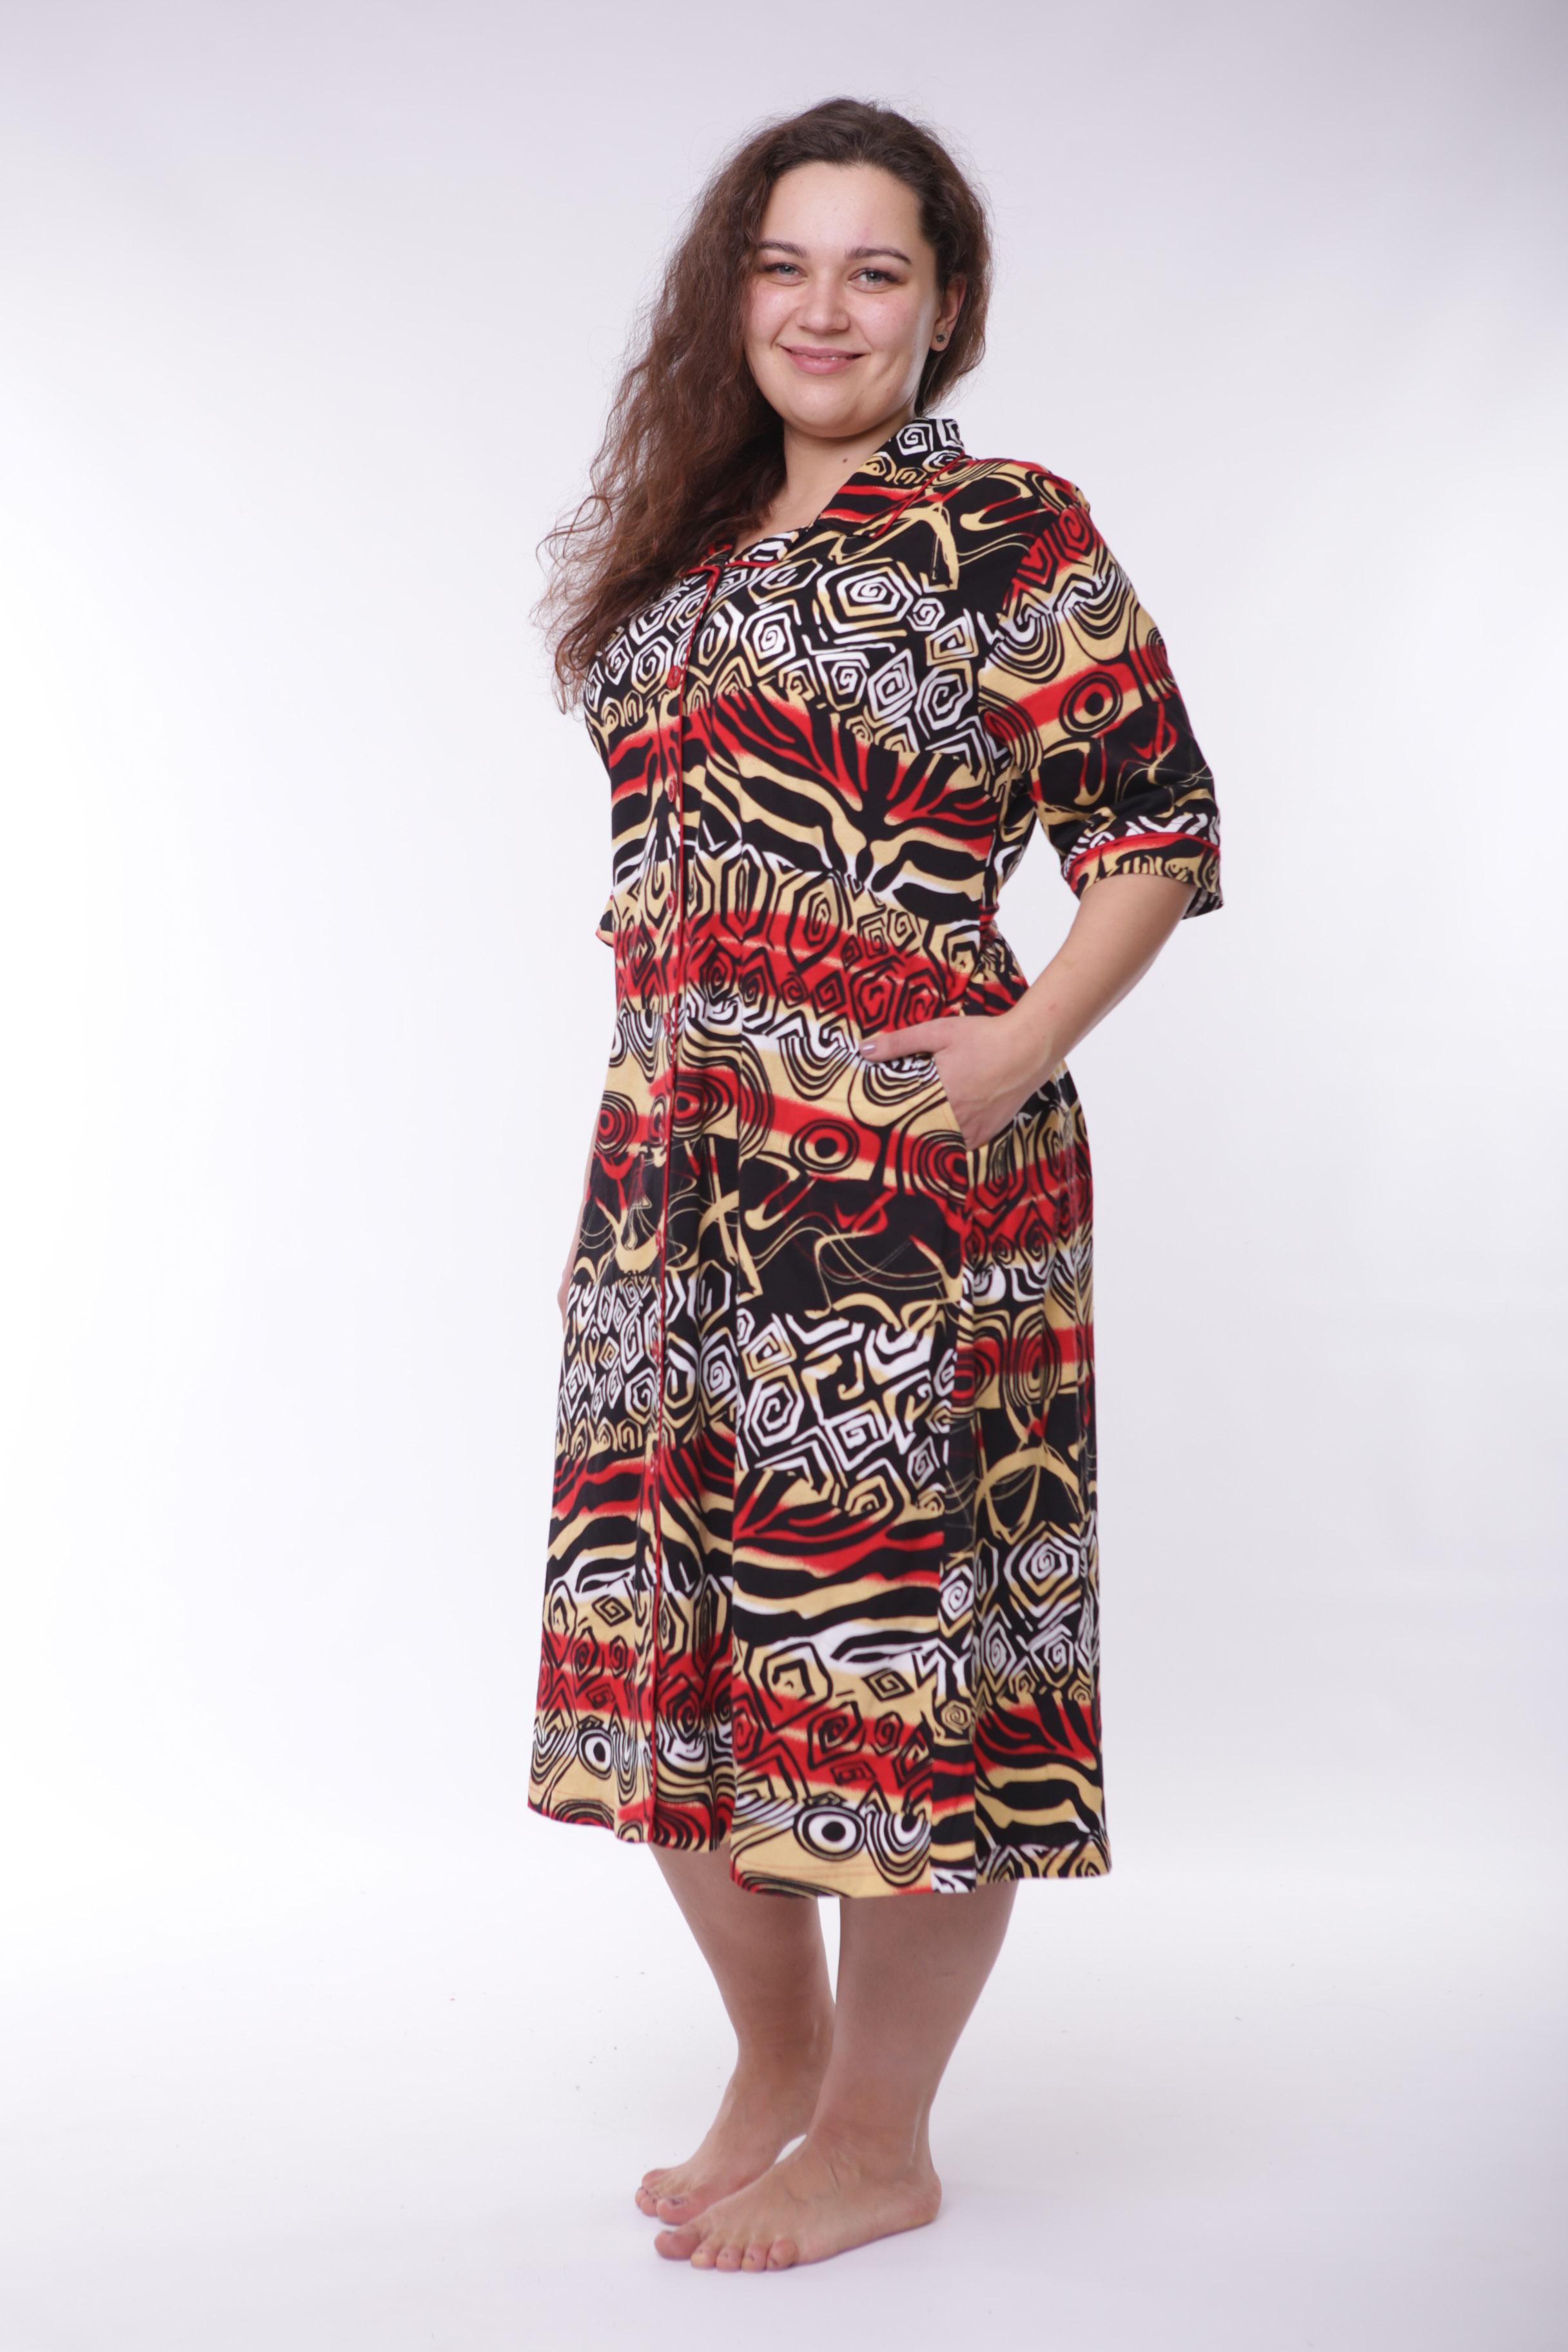 2ae1792cdb308 Чтобы выбрать качественный трикотажный халат, посетите магазин Xalatti.  Женские трикотажные халаты в Xalatti выполнены из 100% хлопка высокого  качества ...